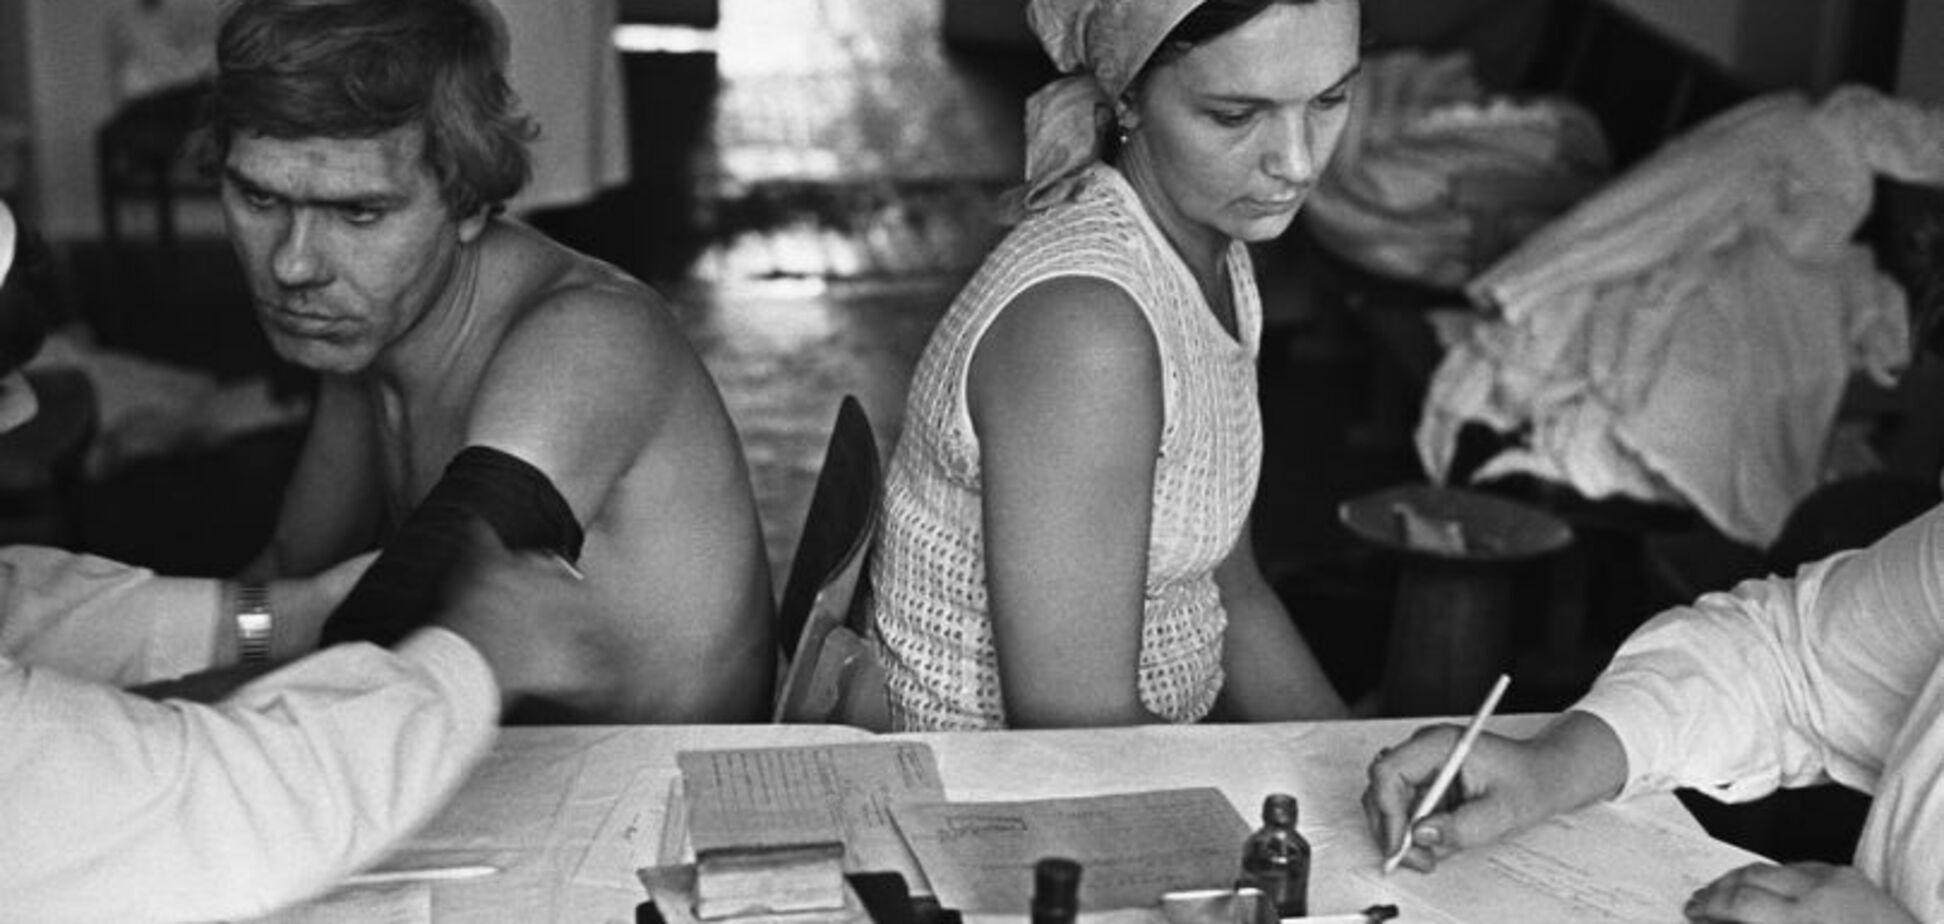 Миф о добрых советских людях: доносы, зависть и запреты